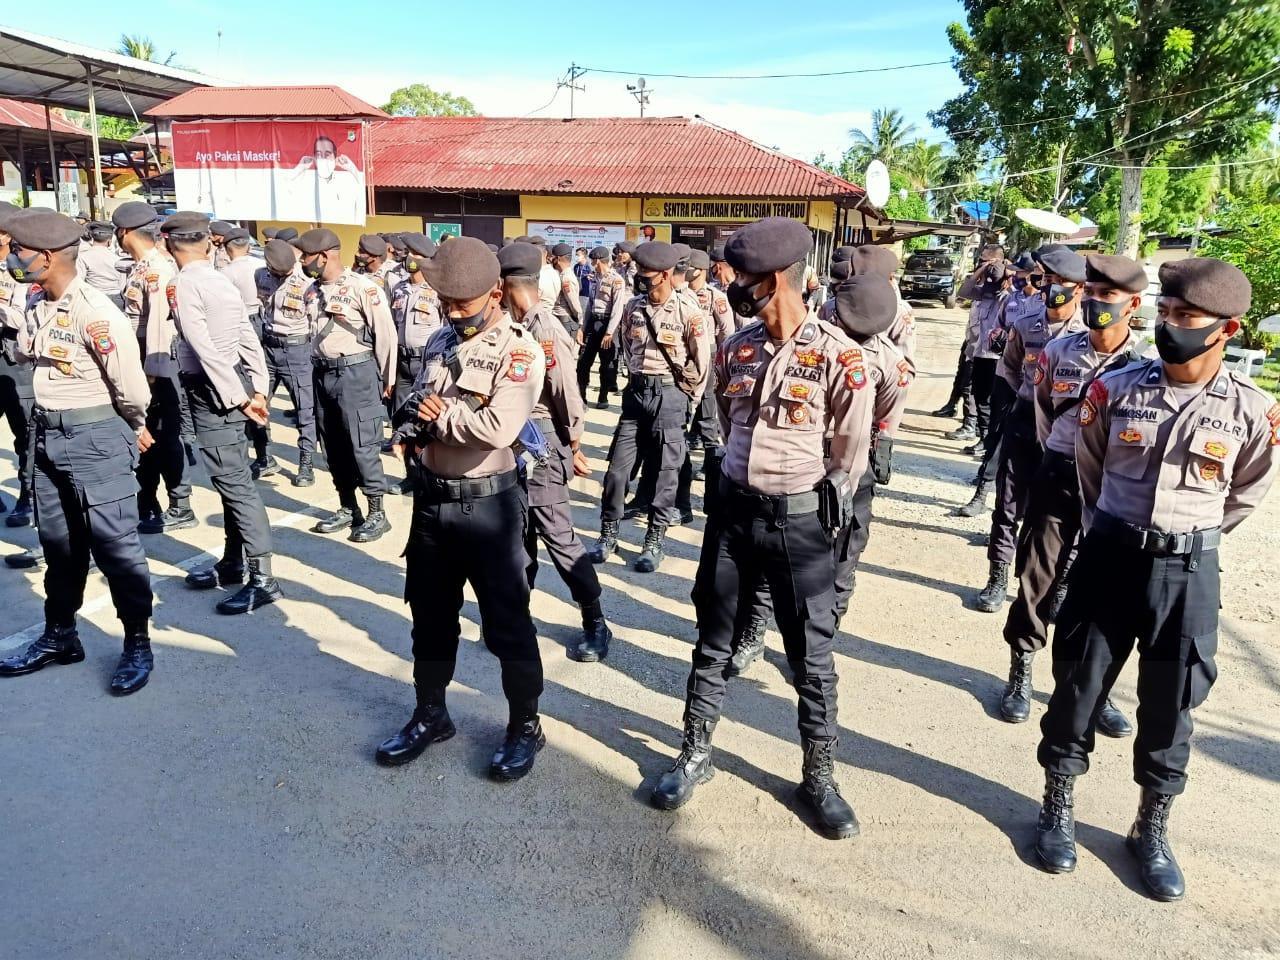 493 Personil Polres Manokwari Disiapkan Amankan Pilkada 23 IMG 20201206 WA0021